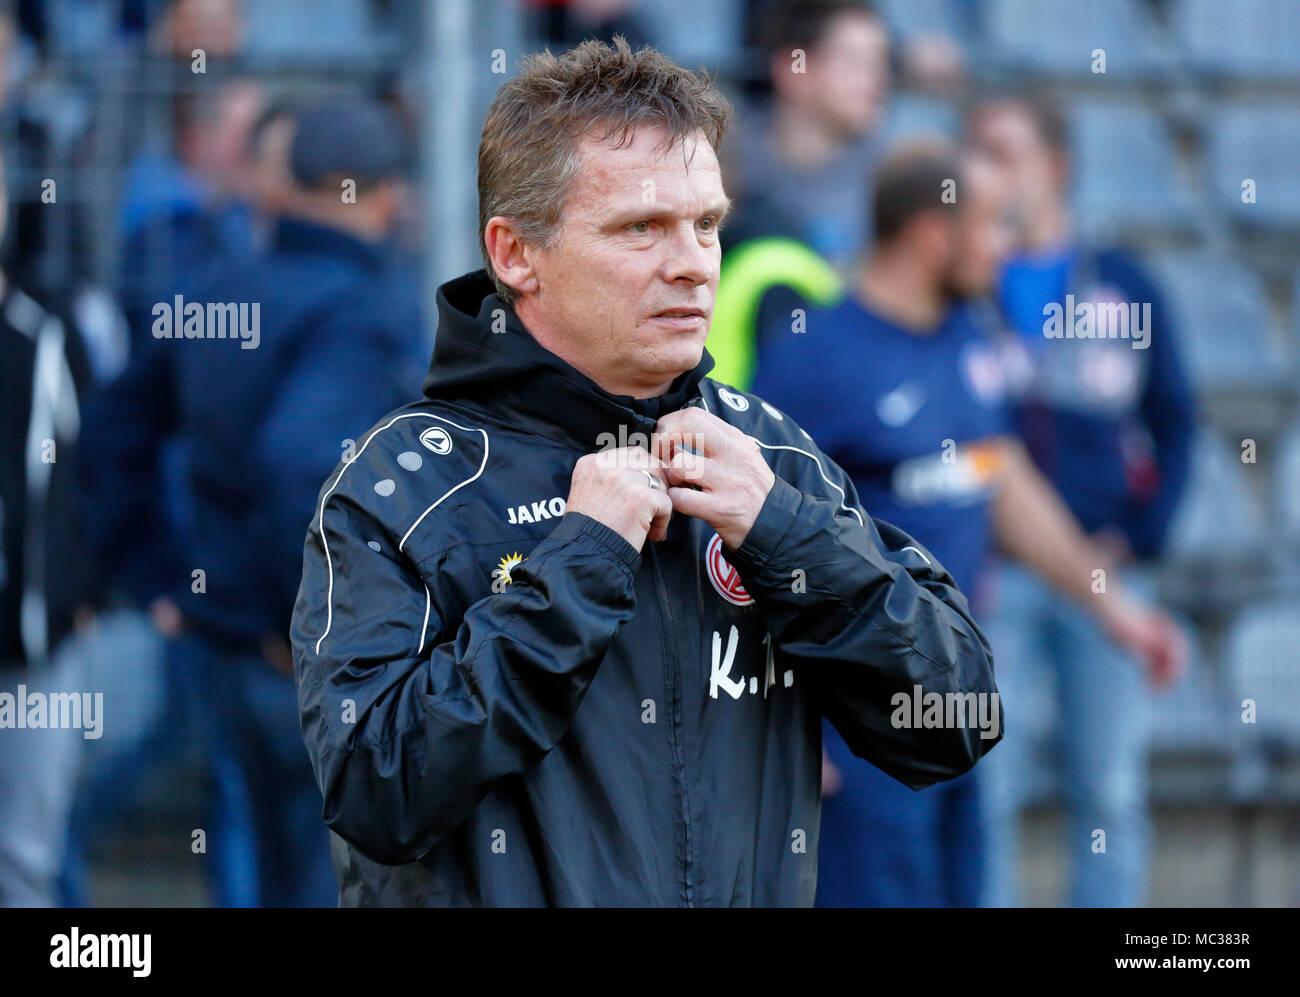 sports, football, Regional League West, 2017/2018, Wuppertaler SV vs Rot Weiss Essen 3:1, head coach Karsten Neitzel (RWE) - Stock Image